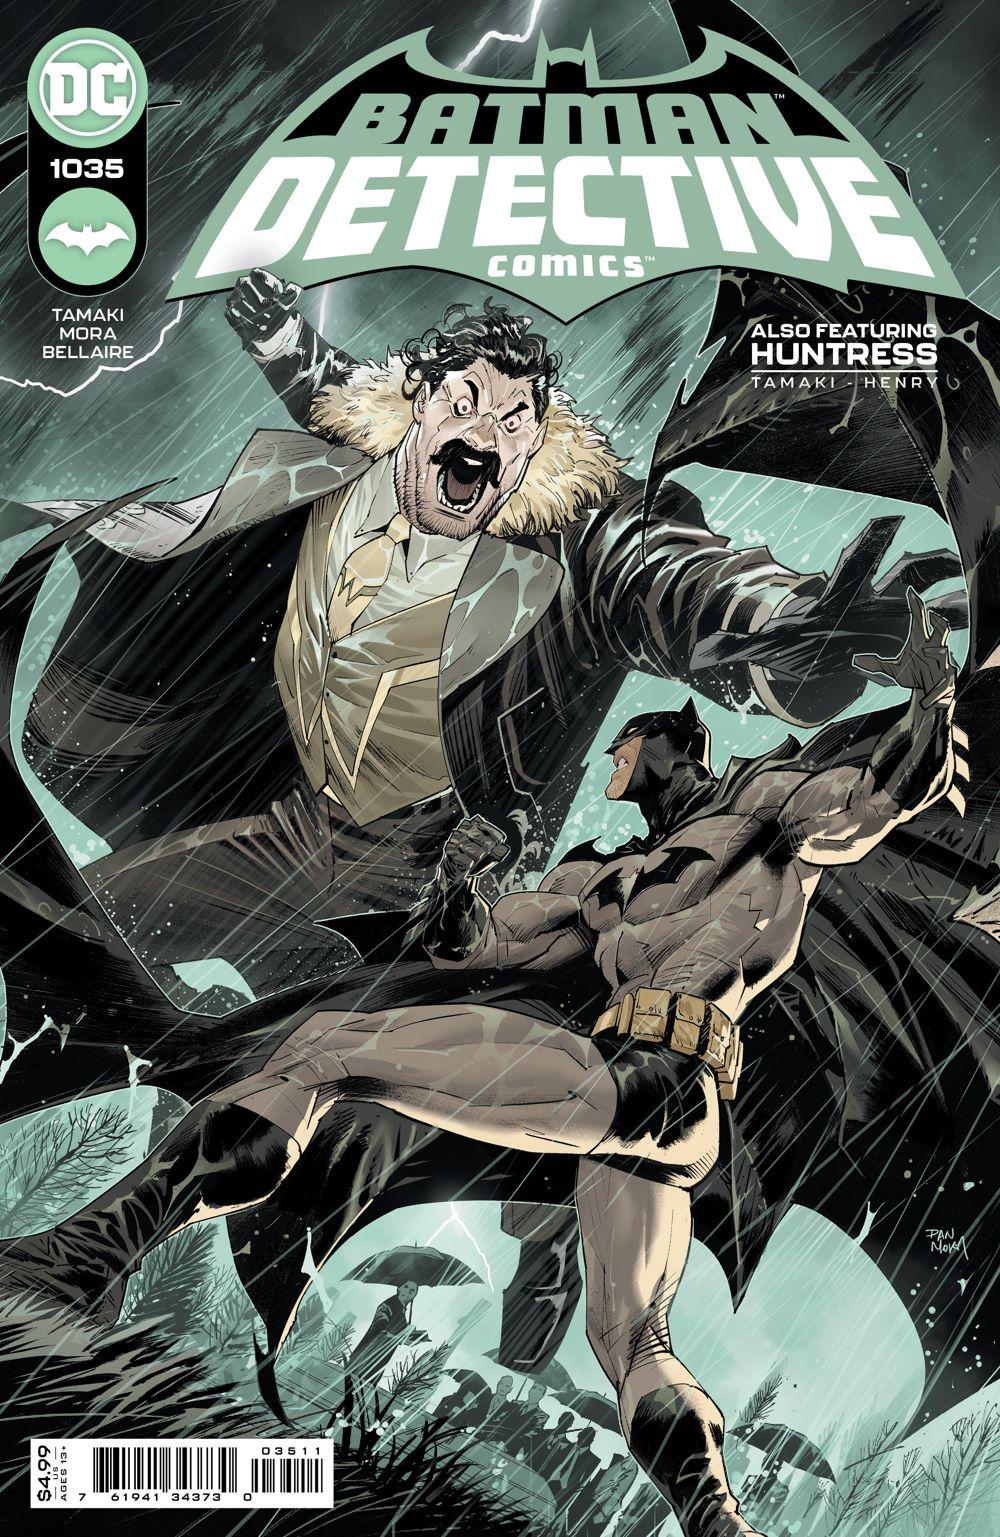 DTC_Cv1035 DC Comics April 2021 Solicitations